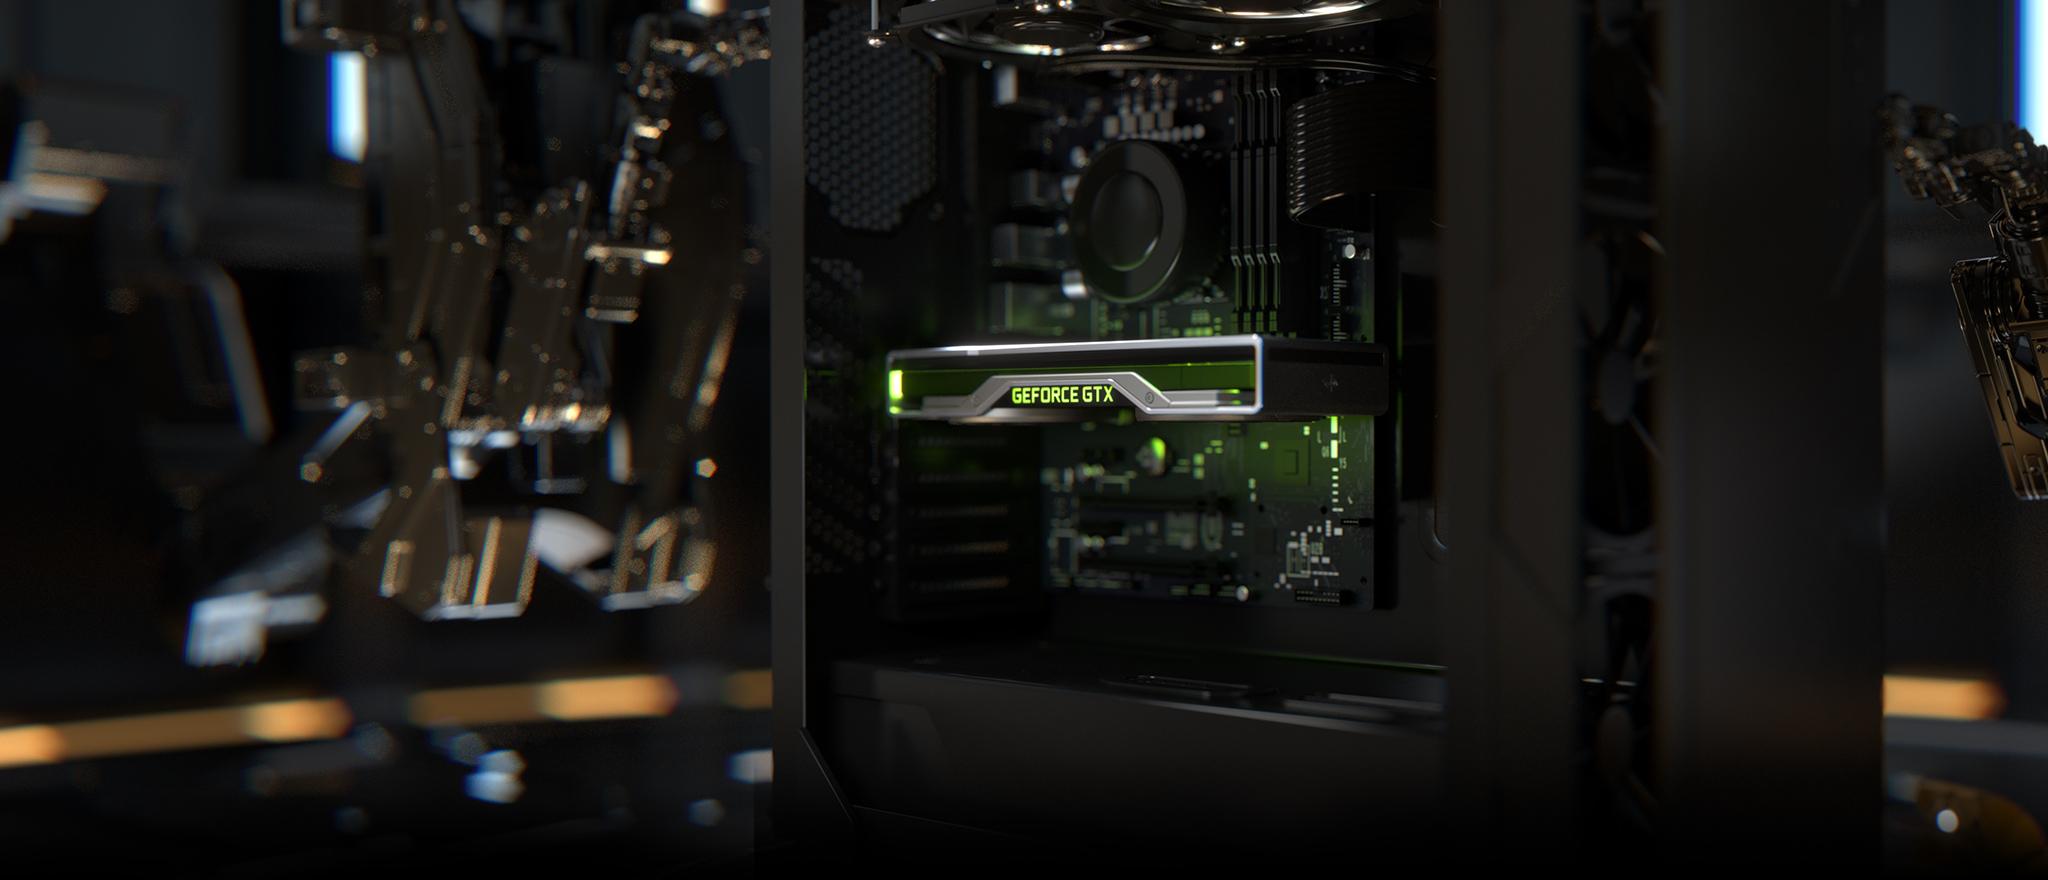 Nvidia GeForce GTX 1660 Super video card